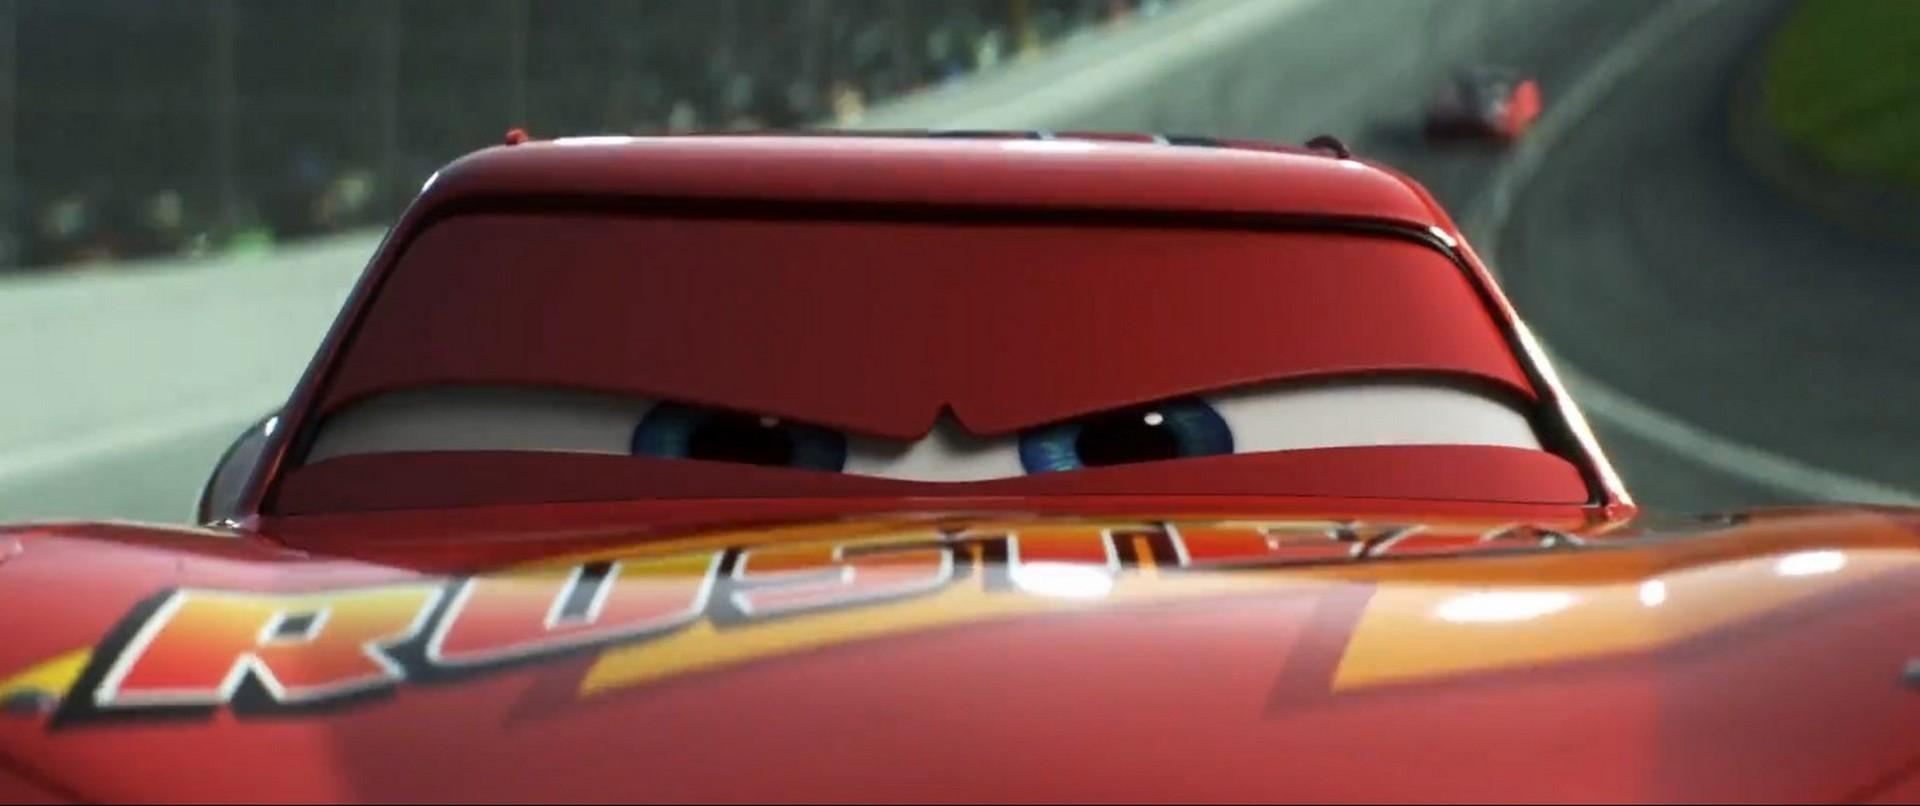 Image - Cars 3 27.jpg | Pixar Wiki | FANDOM powered by Wikia